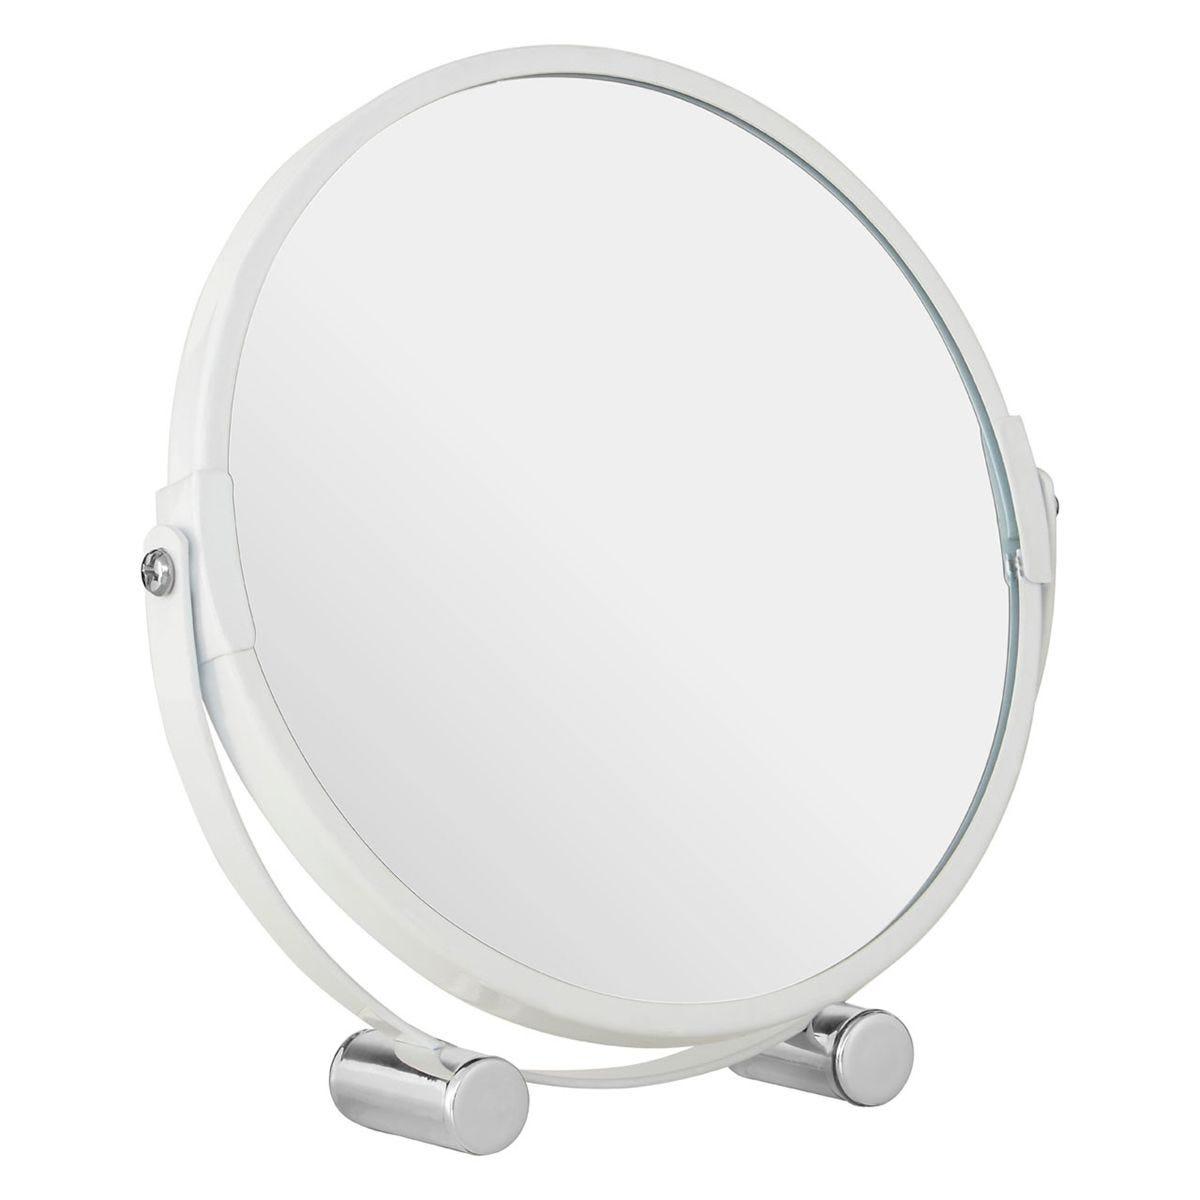 Premier Housewares White Metal Magnifying Shaving Mirror